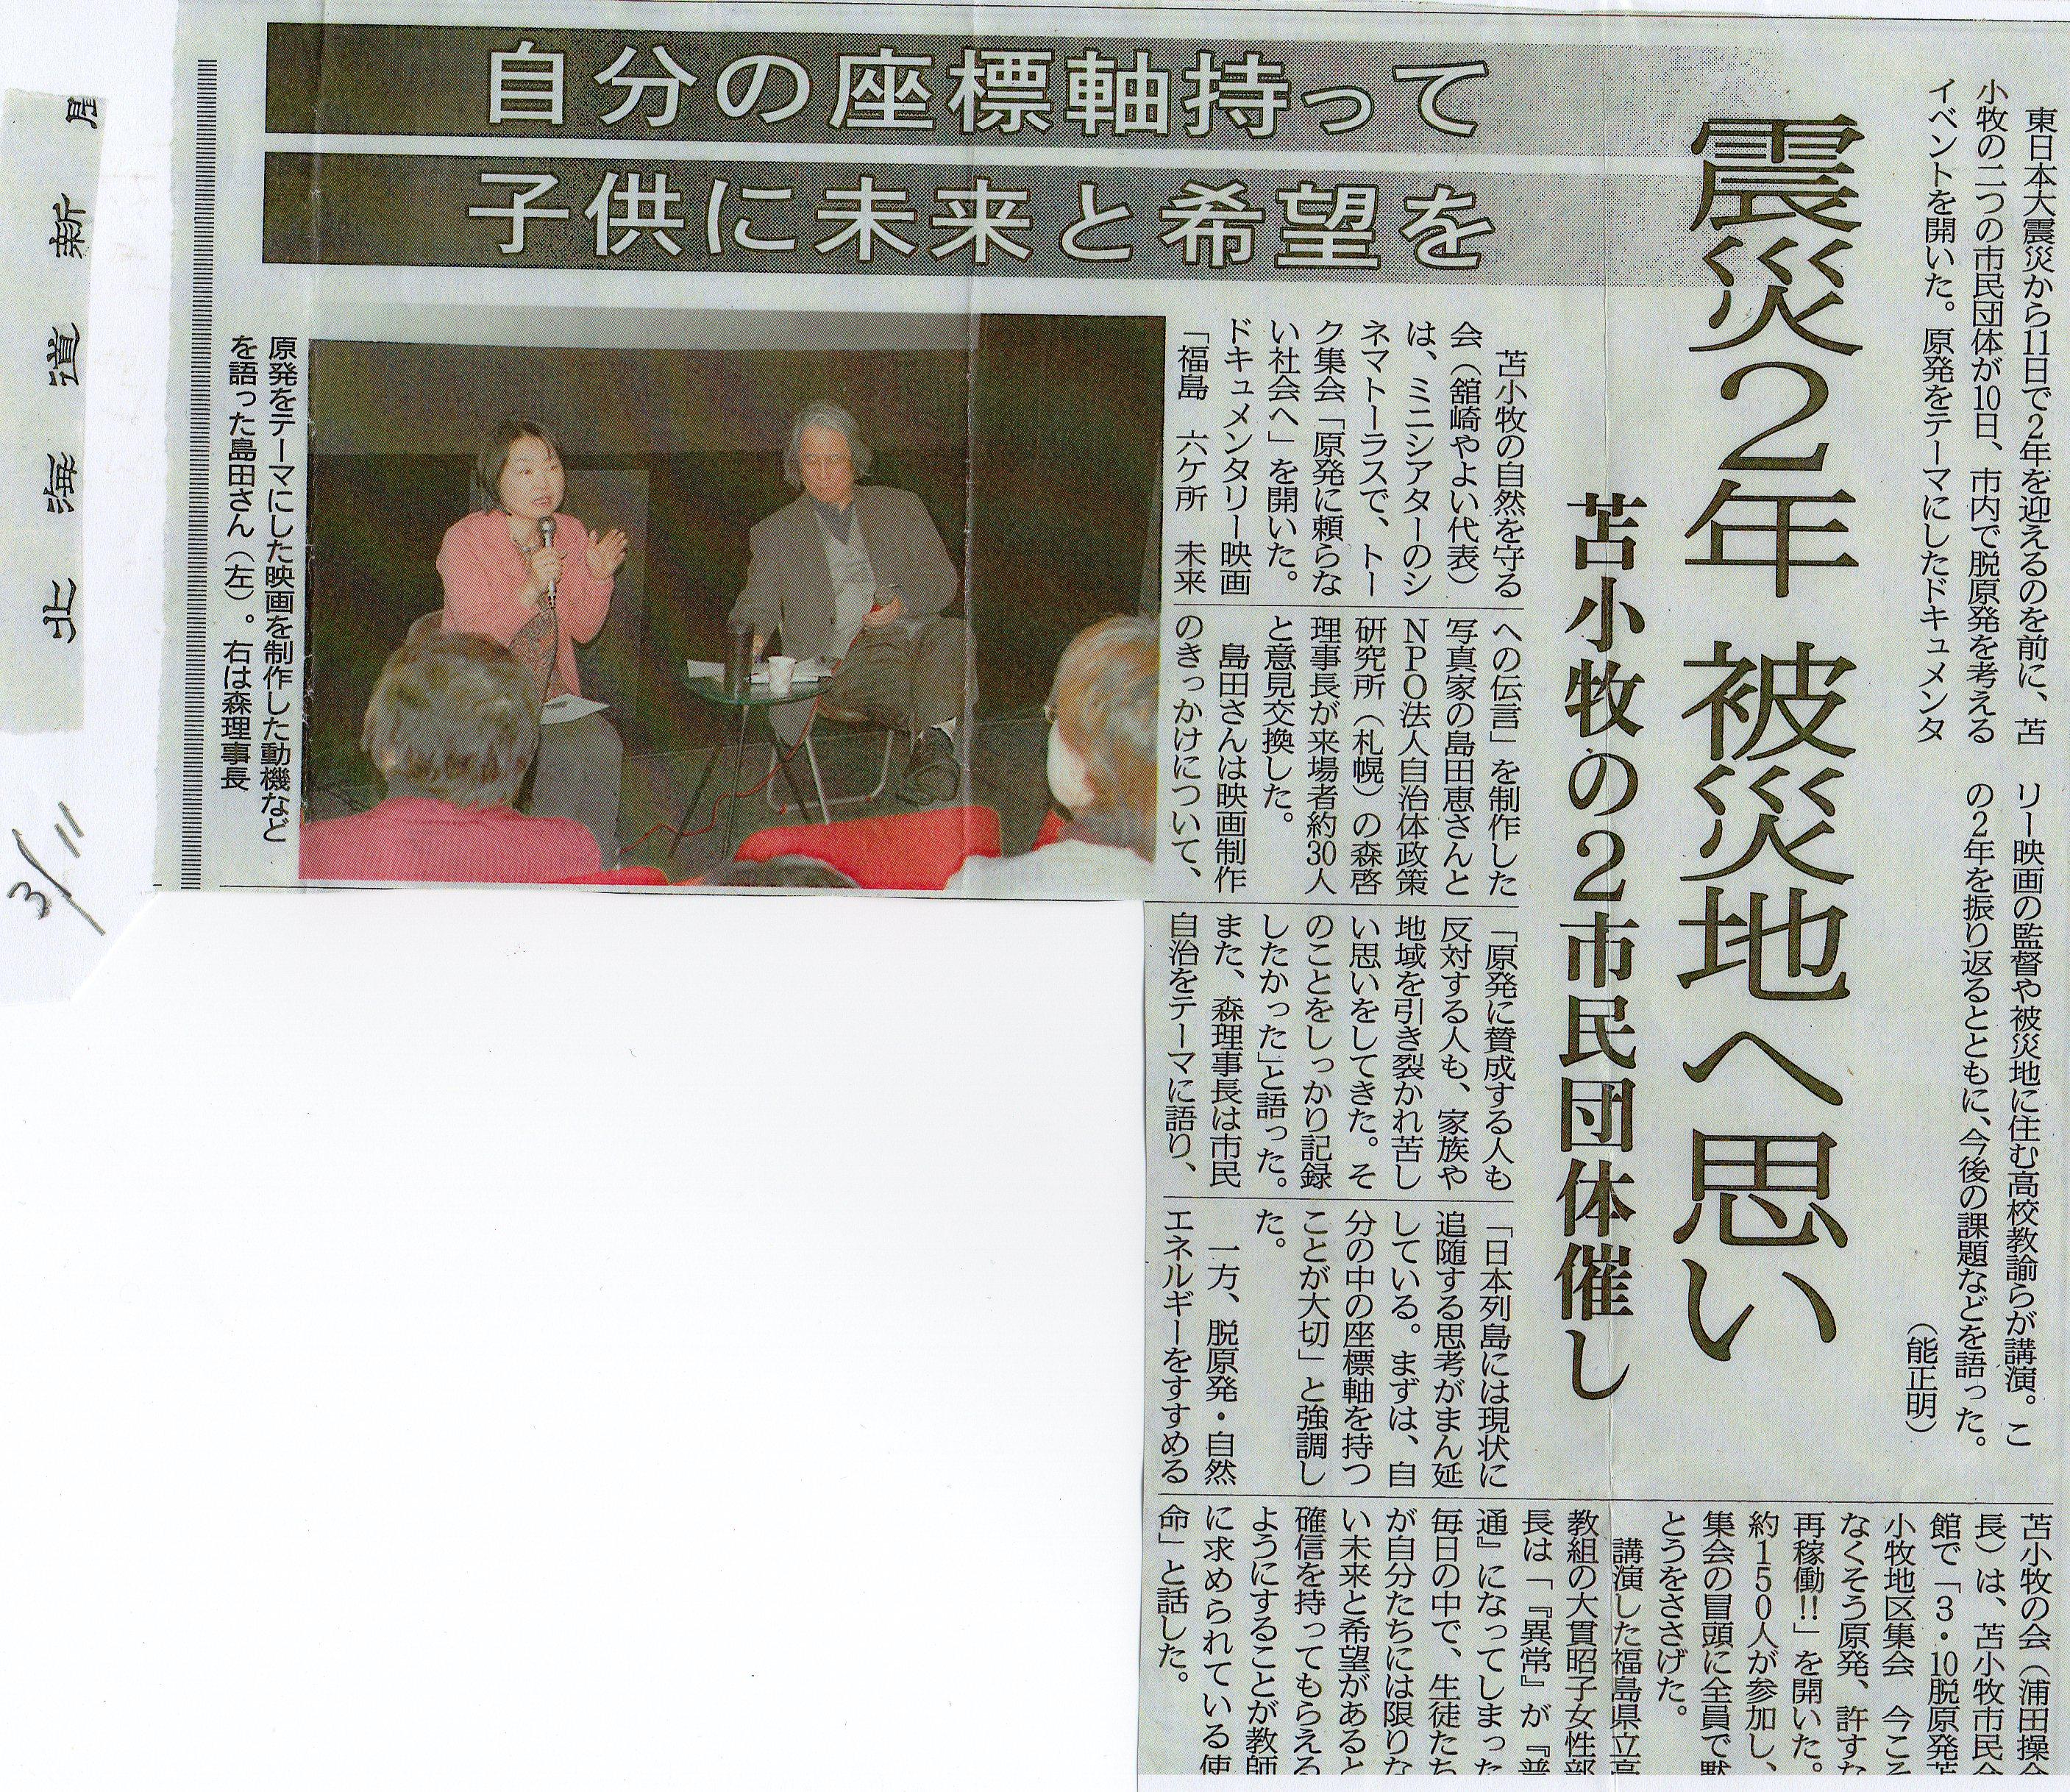 北海道新聞と苫小牧民報に掲載されました